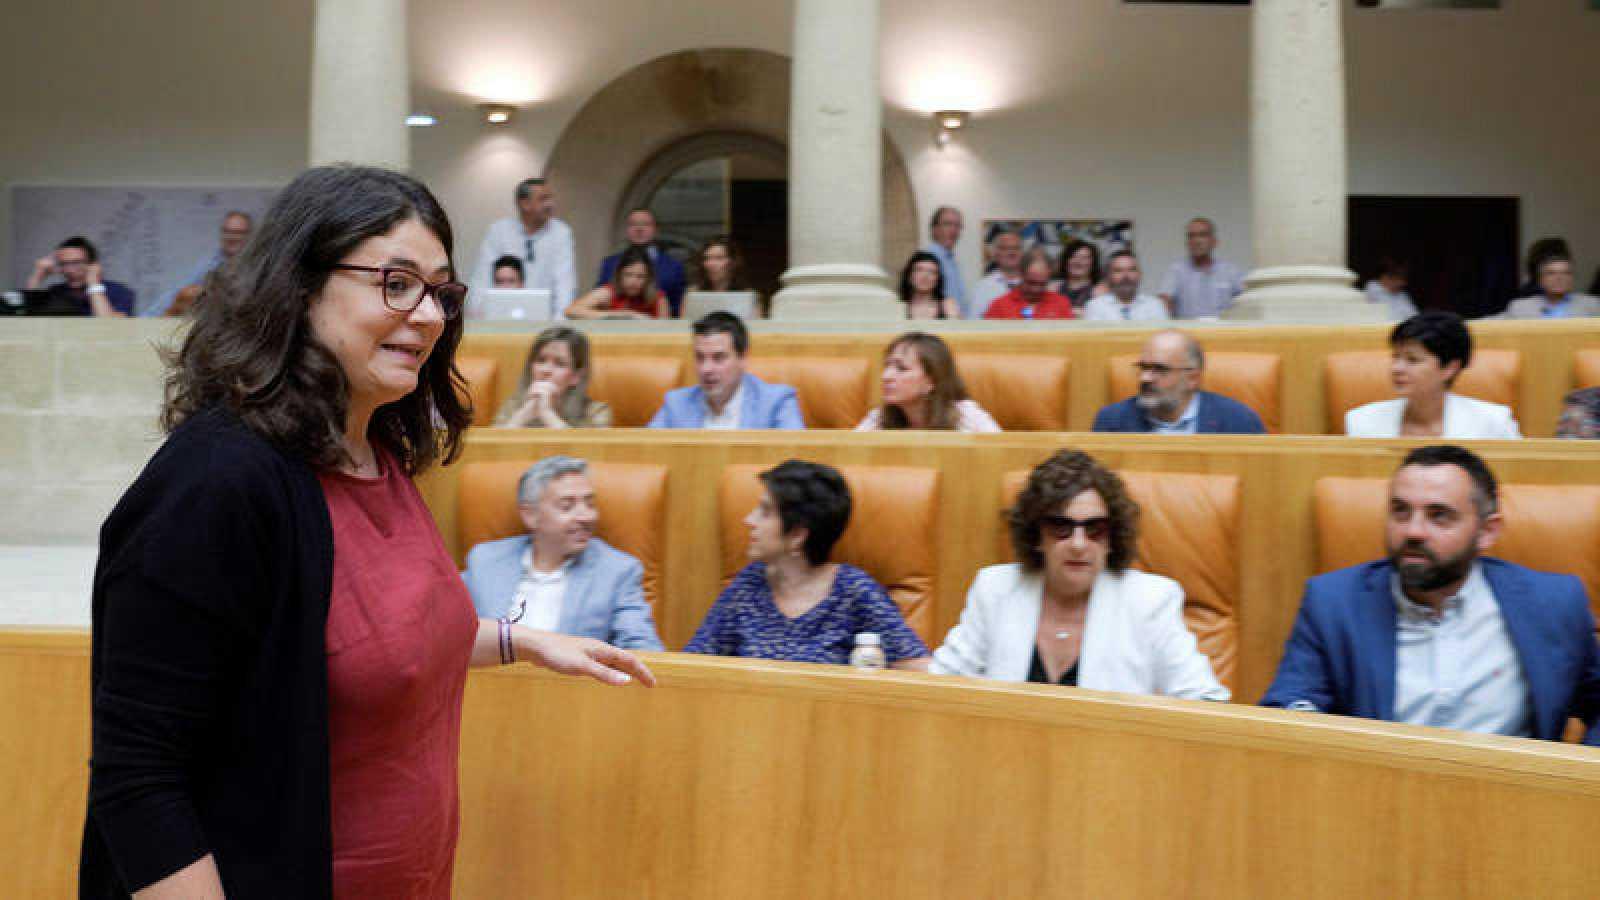 Podemos impide la investidura de la candidata socialista en La Rioja y ataca a Sánchez